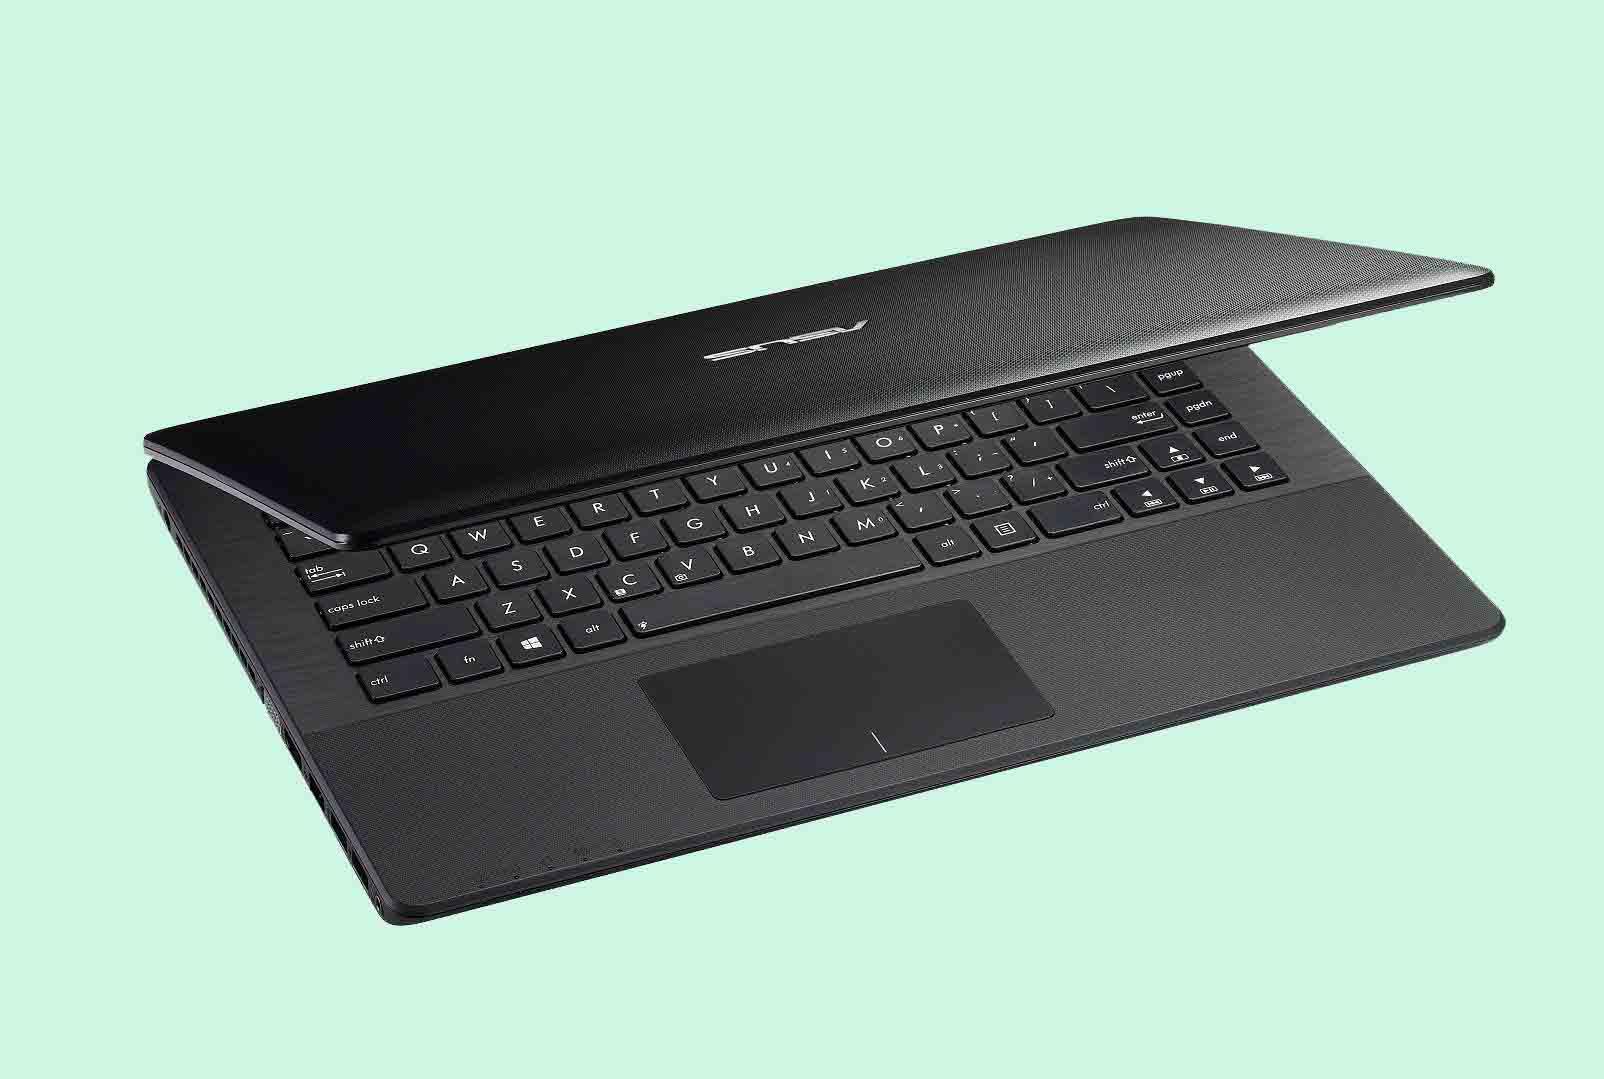 华硕X452笔记本u盘启动BIOS设置教程